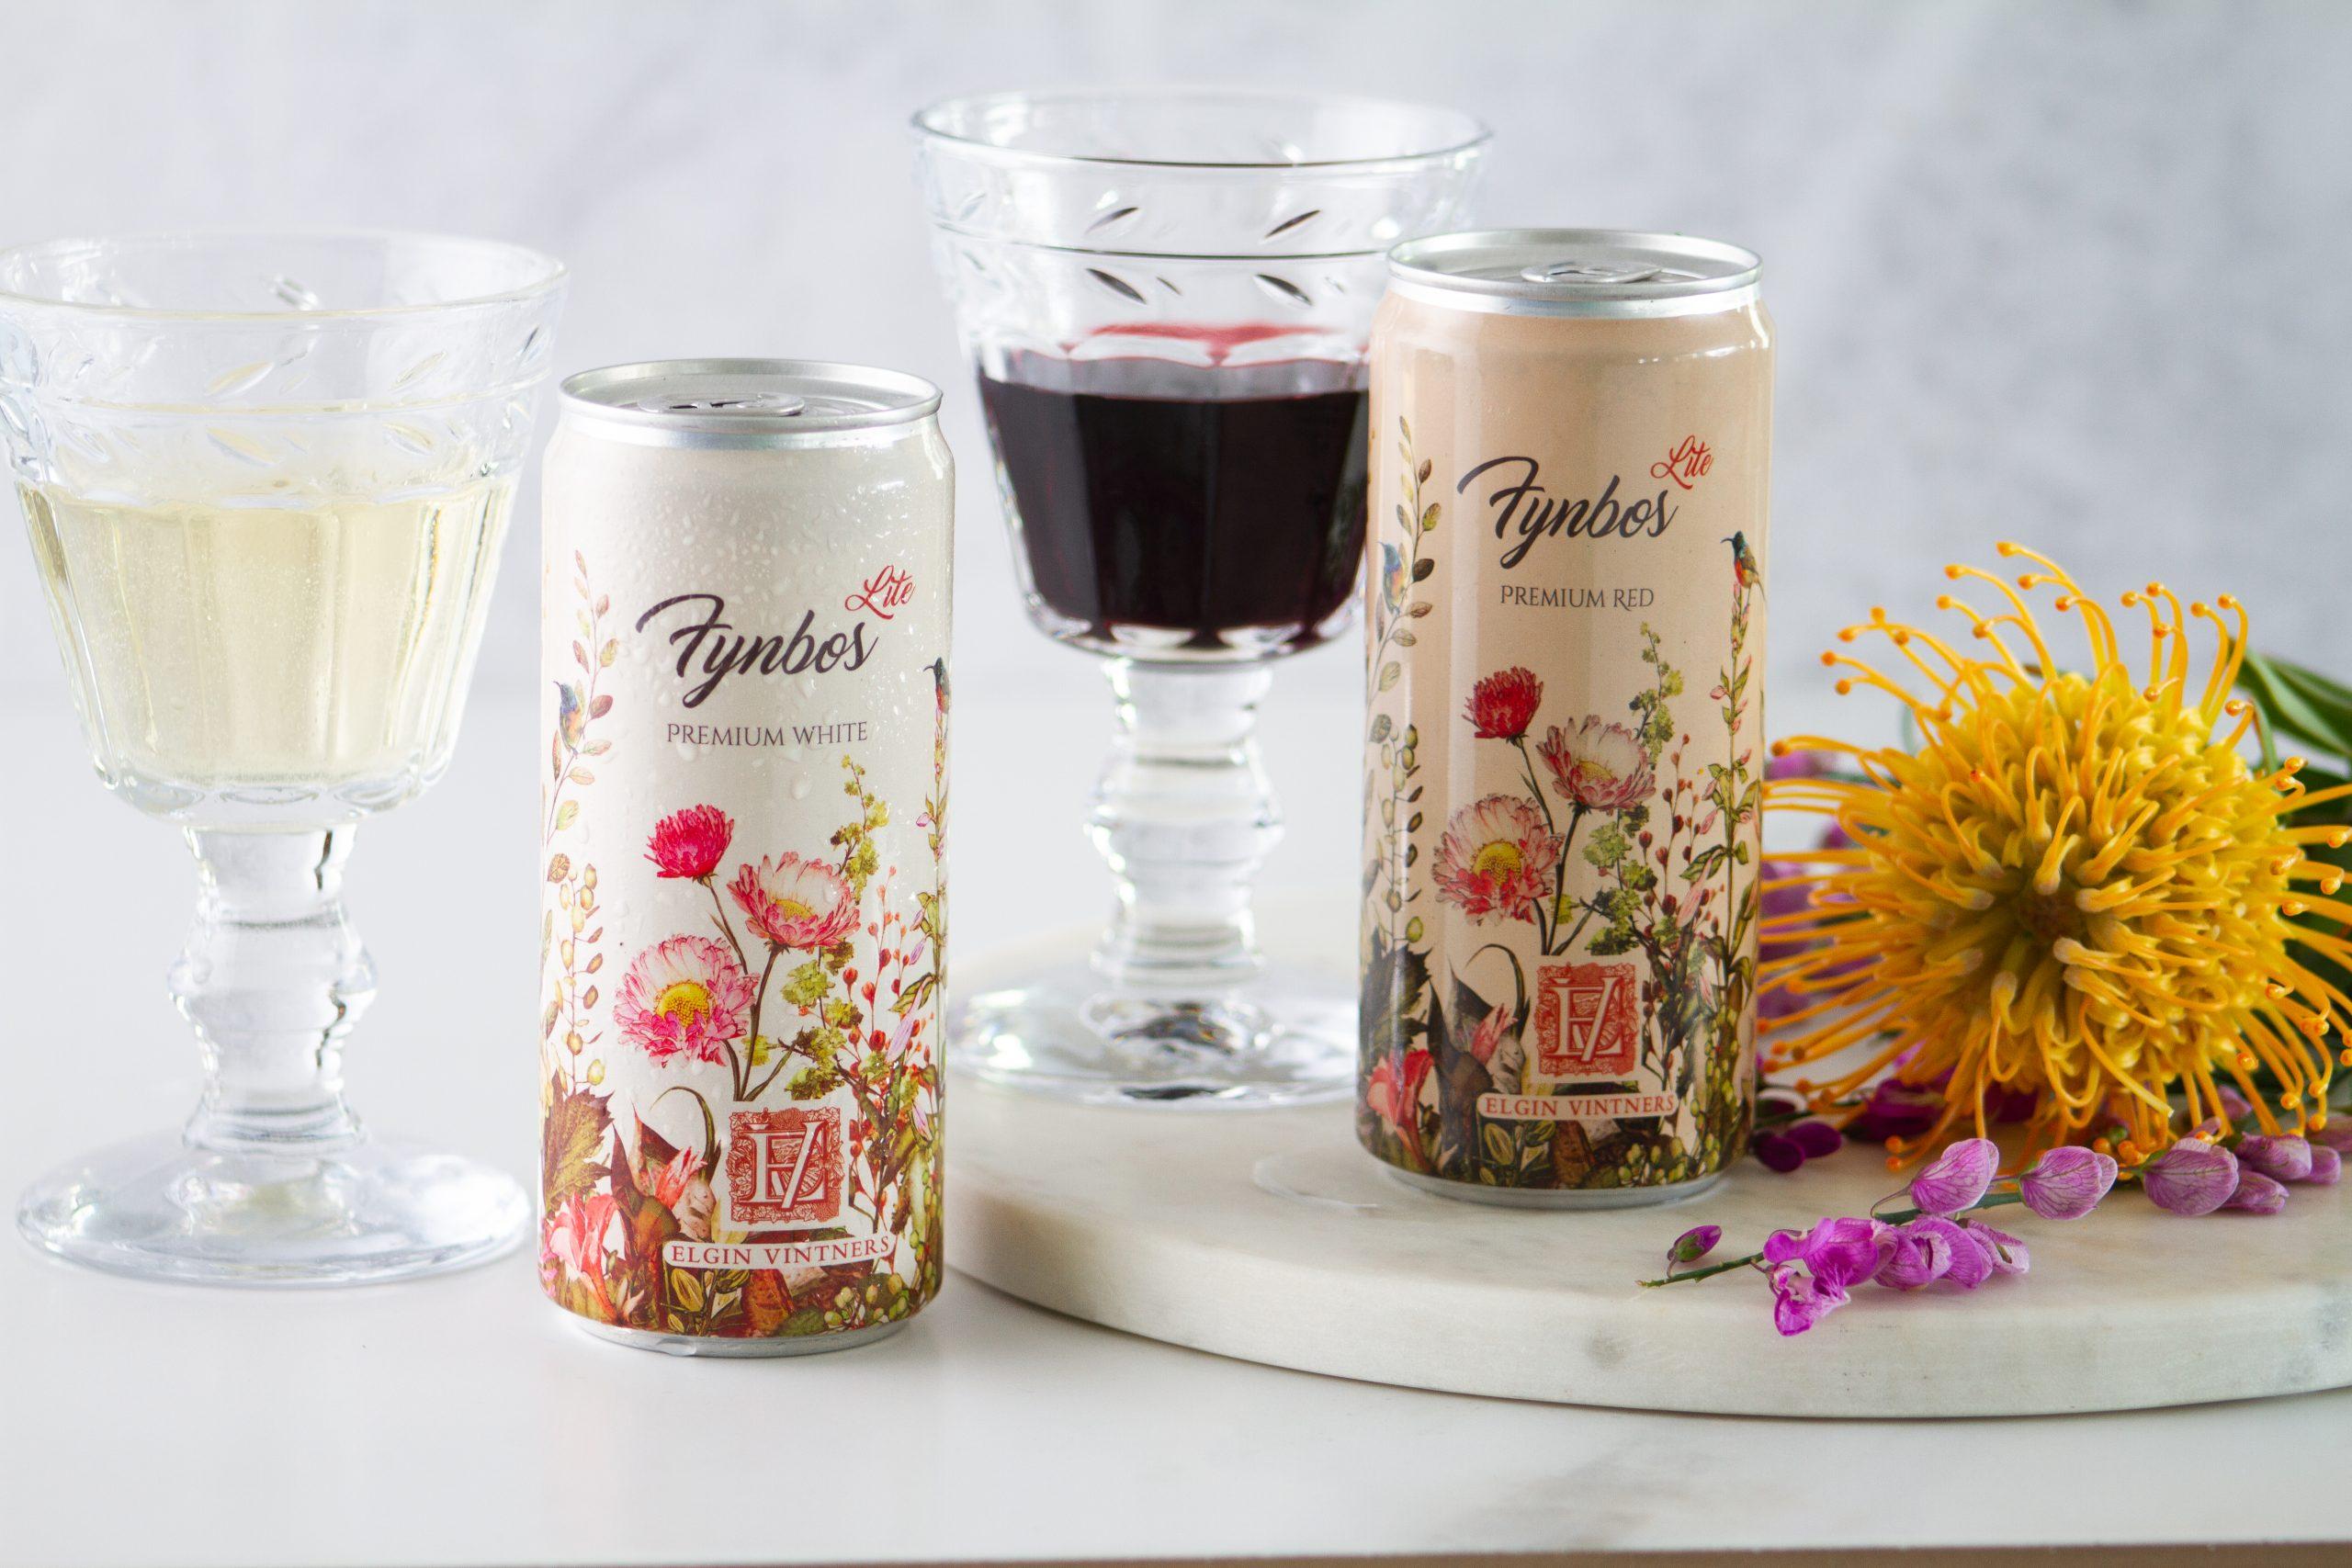 Elgin Vintners Brings Elegance to the Canned Wine Trend